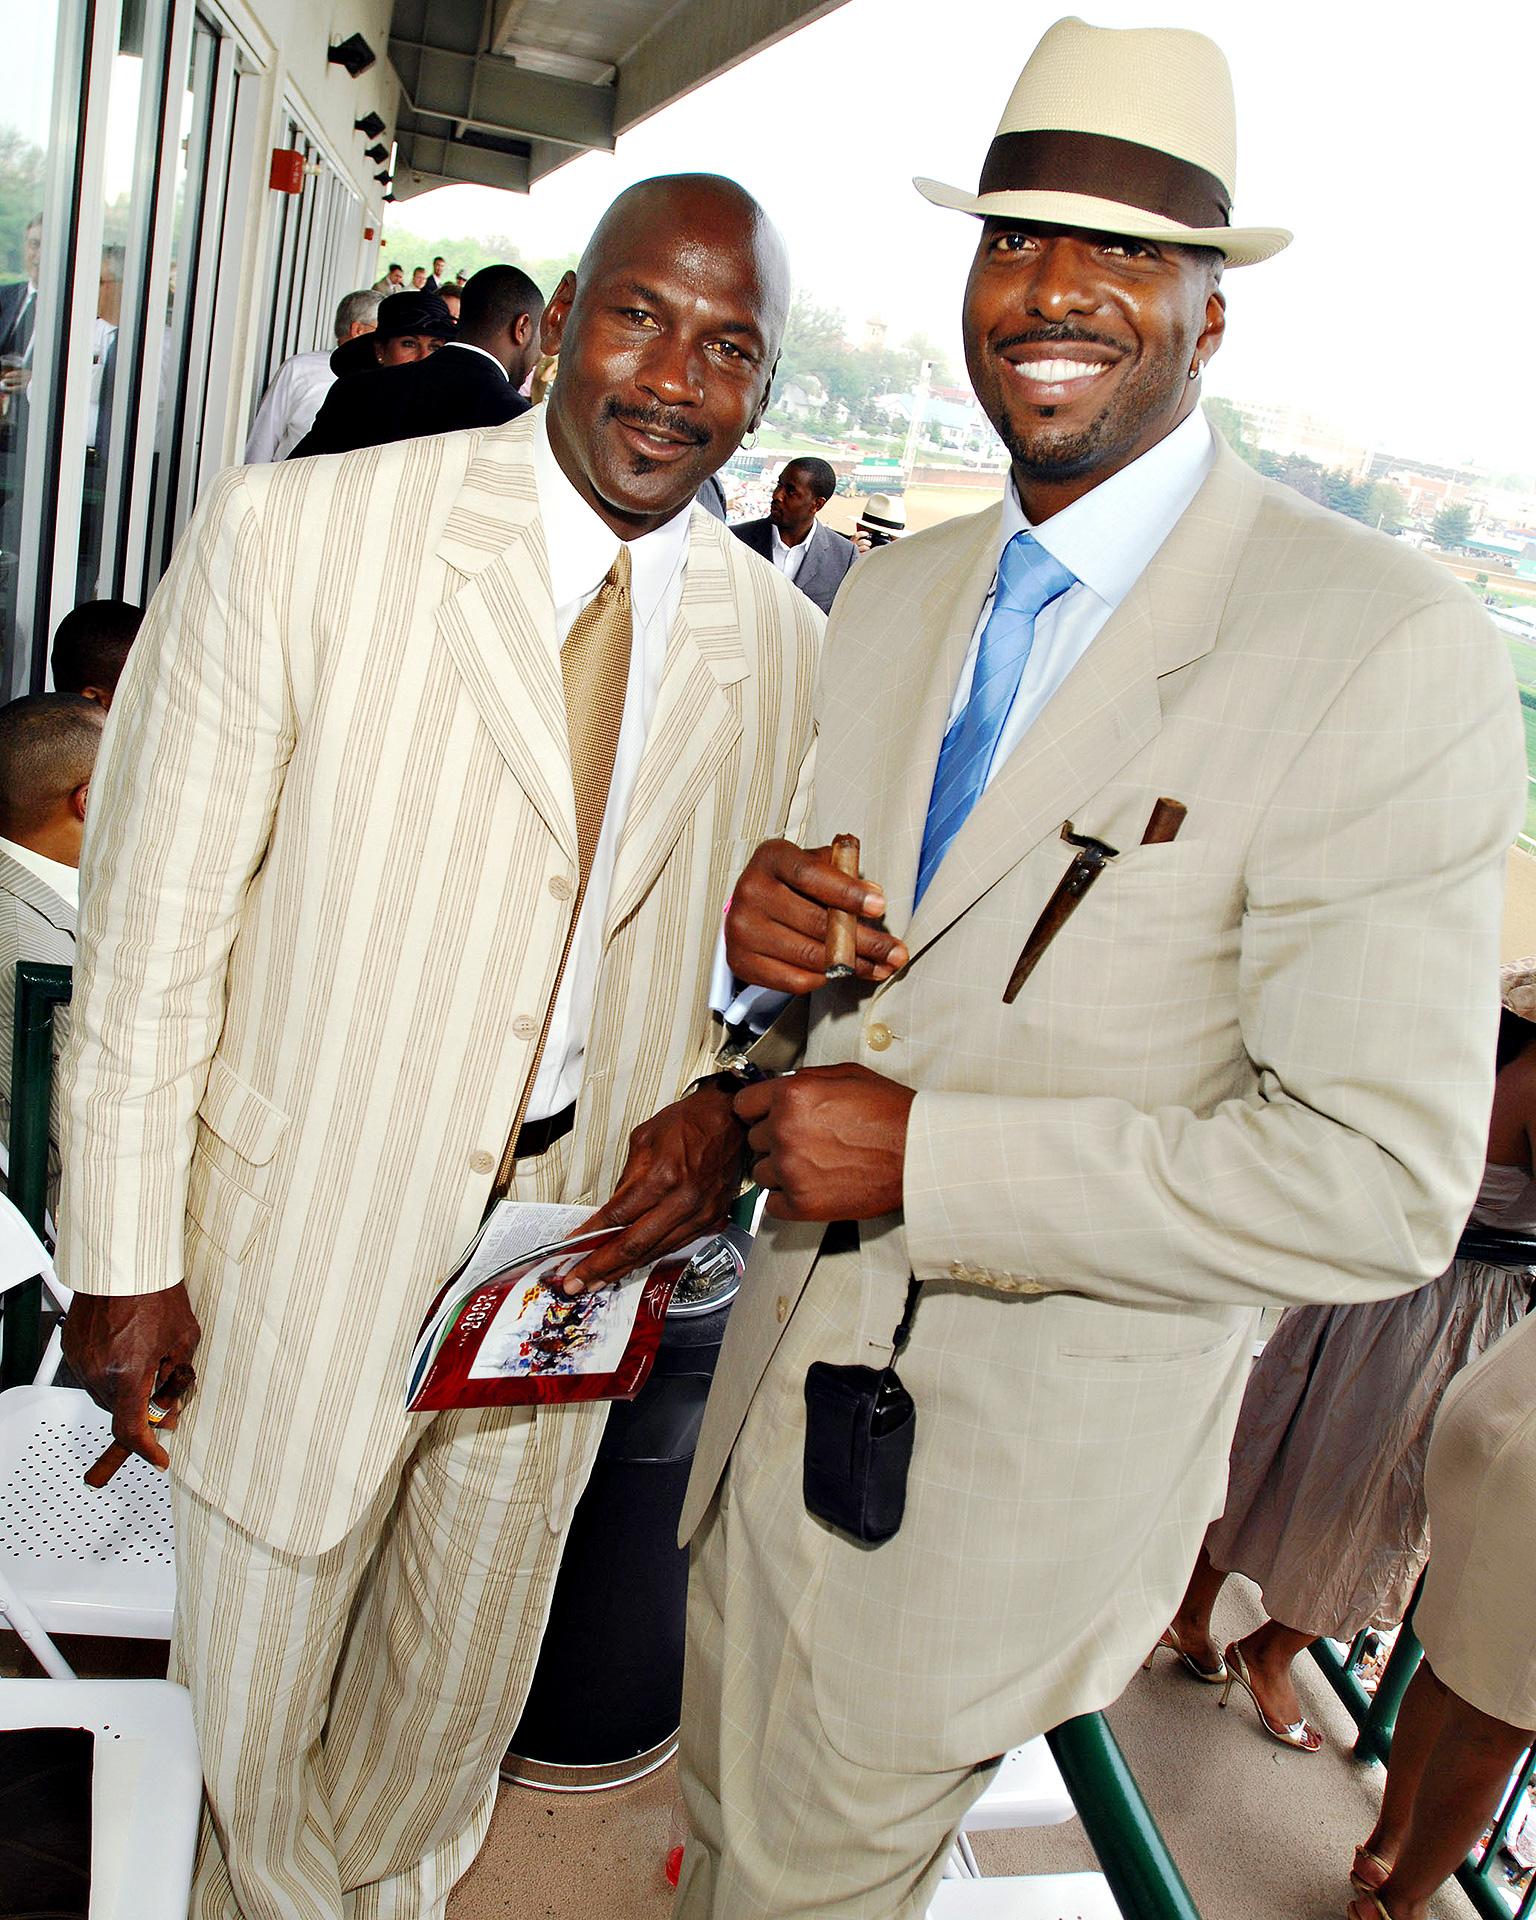 Michael Jordan and John Salley